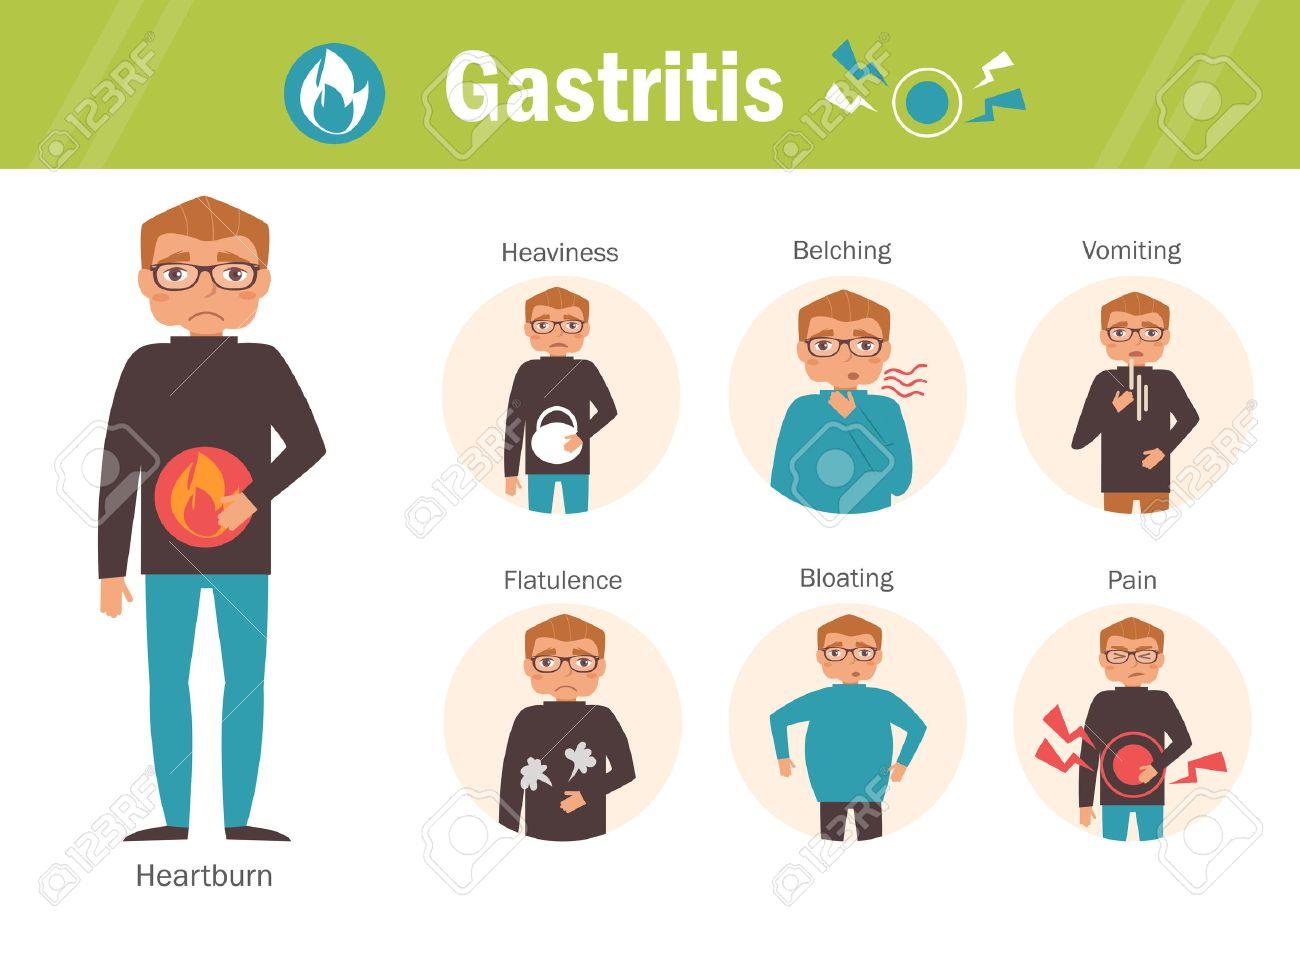 El gastritis causa nauseas